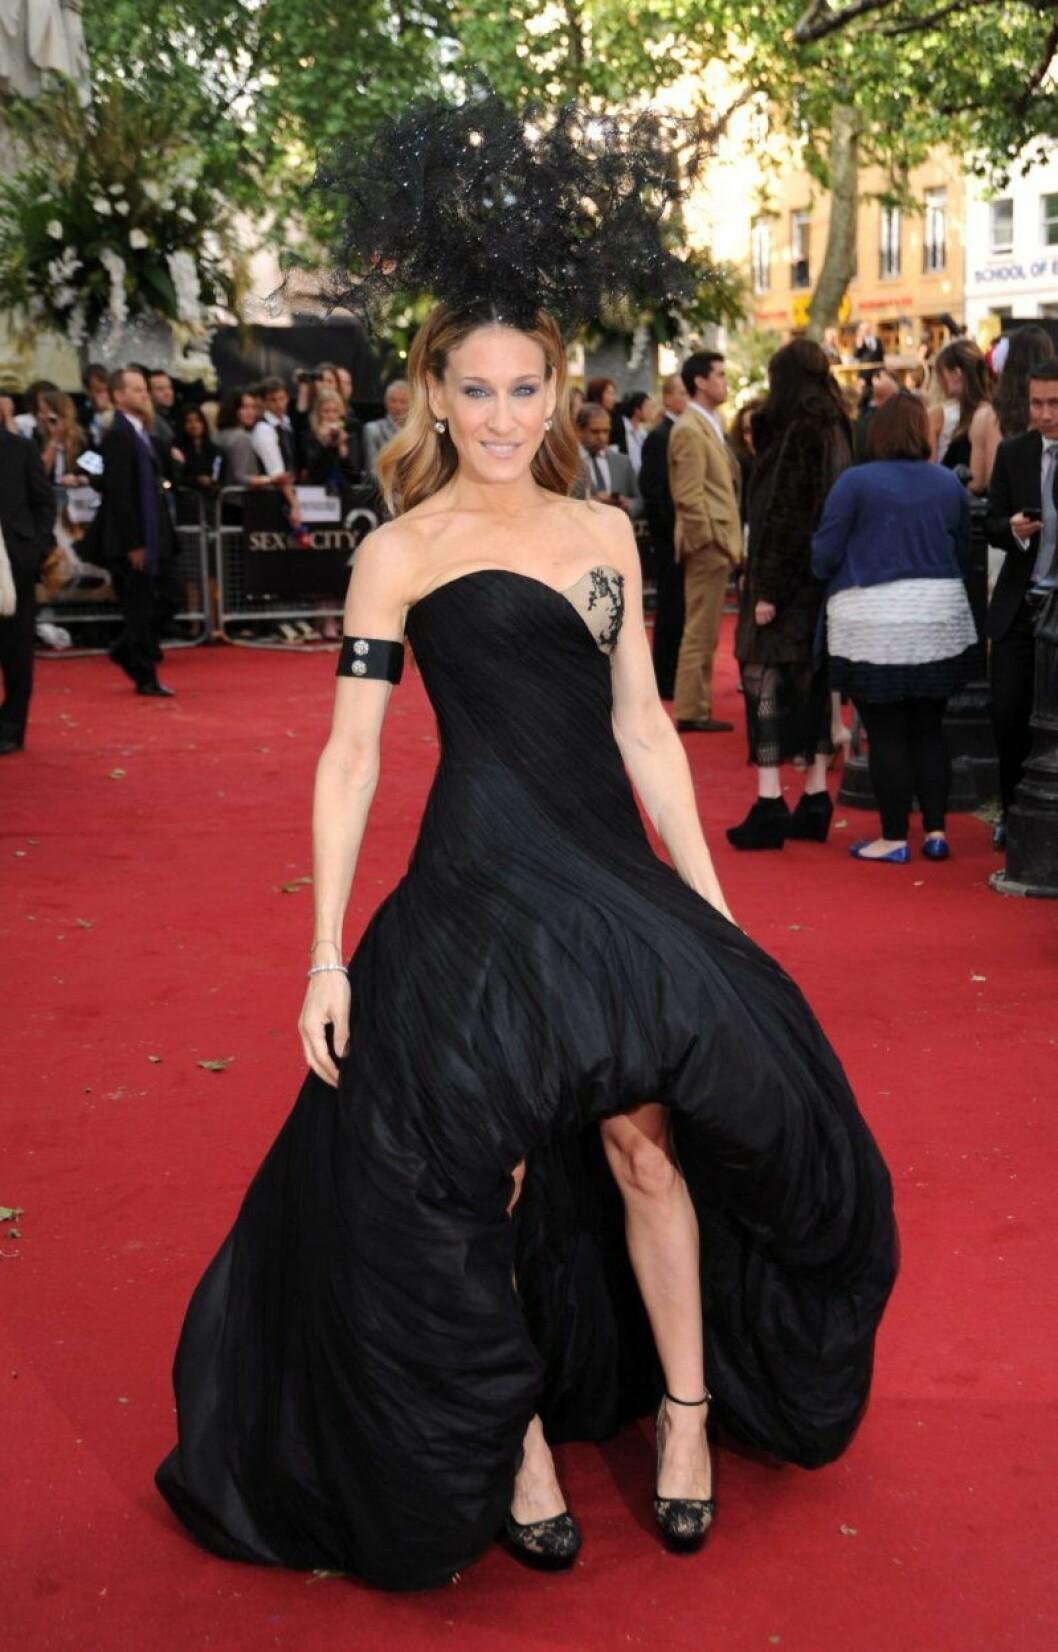 Sarah Jessica Parker på röda mattan i en svart, axellös klänning med en stor hårdekoration.